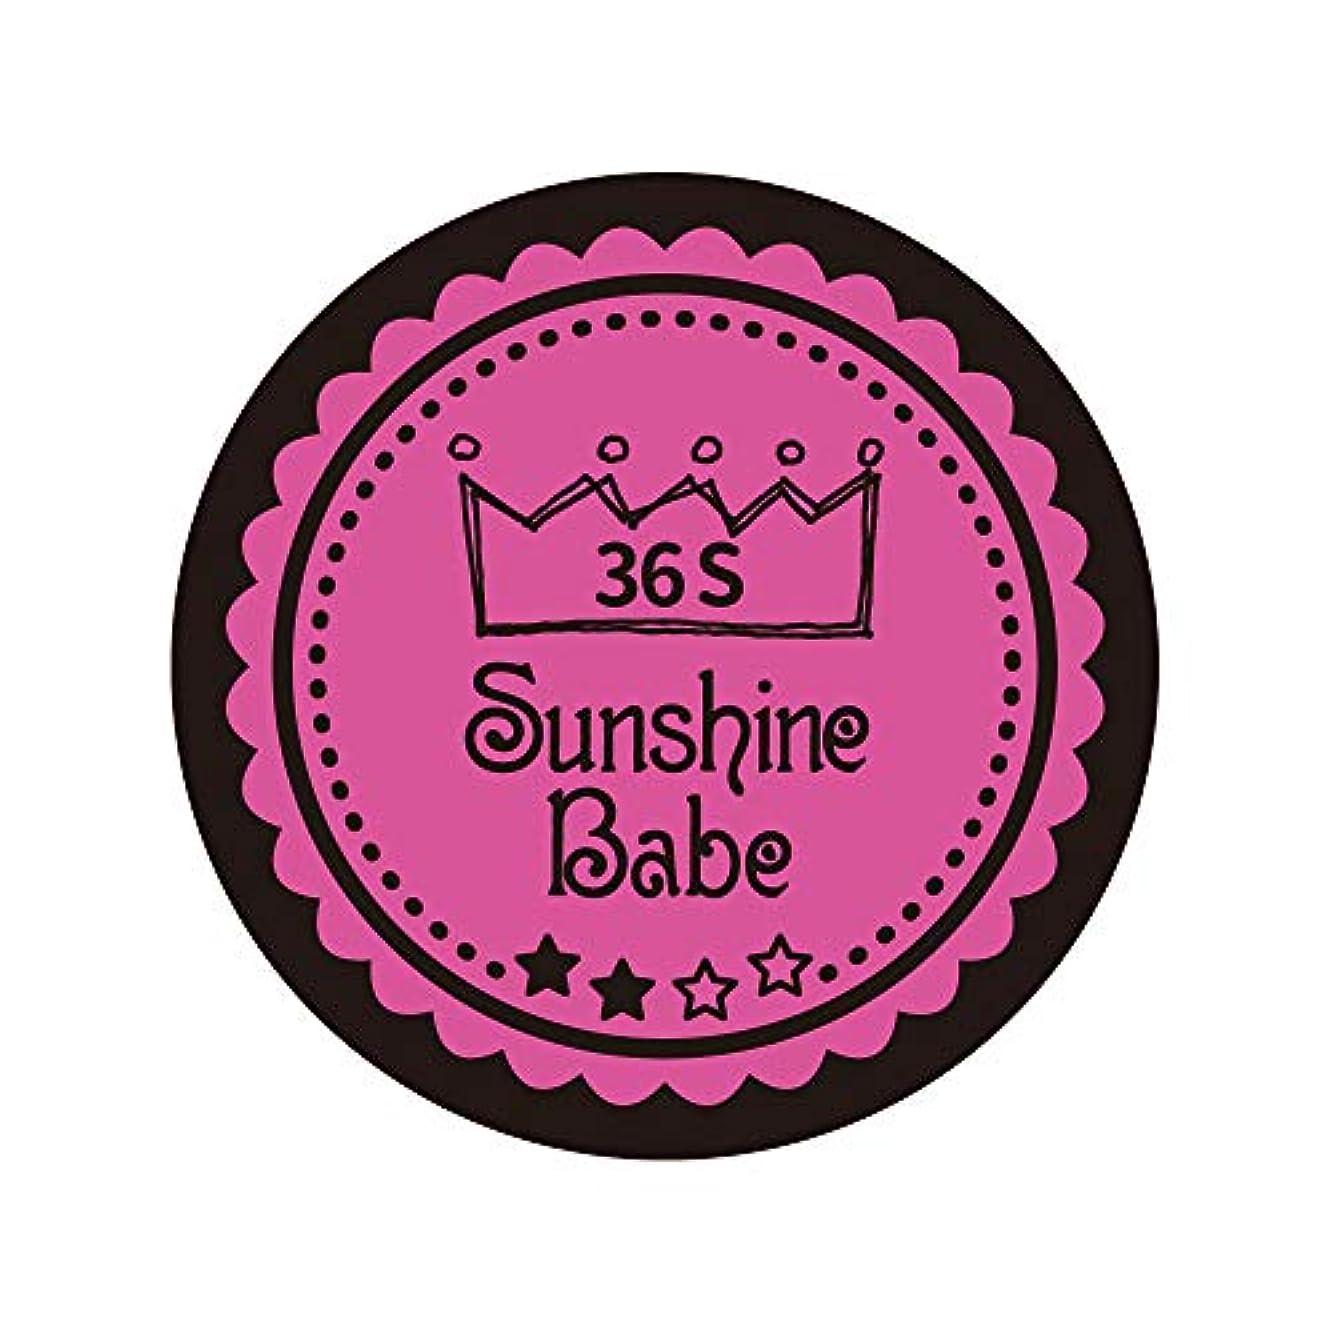 委員会シチリア分析的Sunshine Babe カラージェル 36S クロッカスピンク 4g UV/LED対応